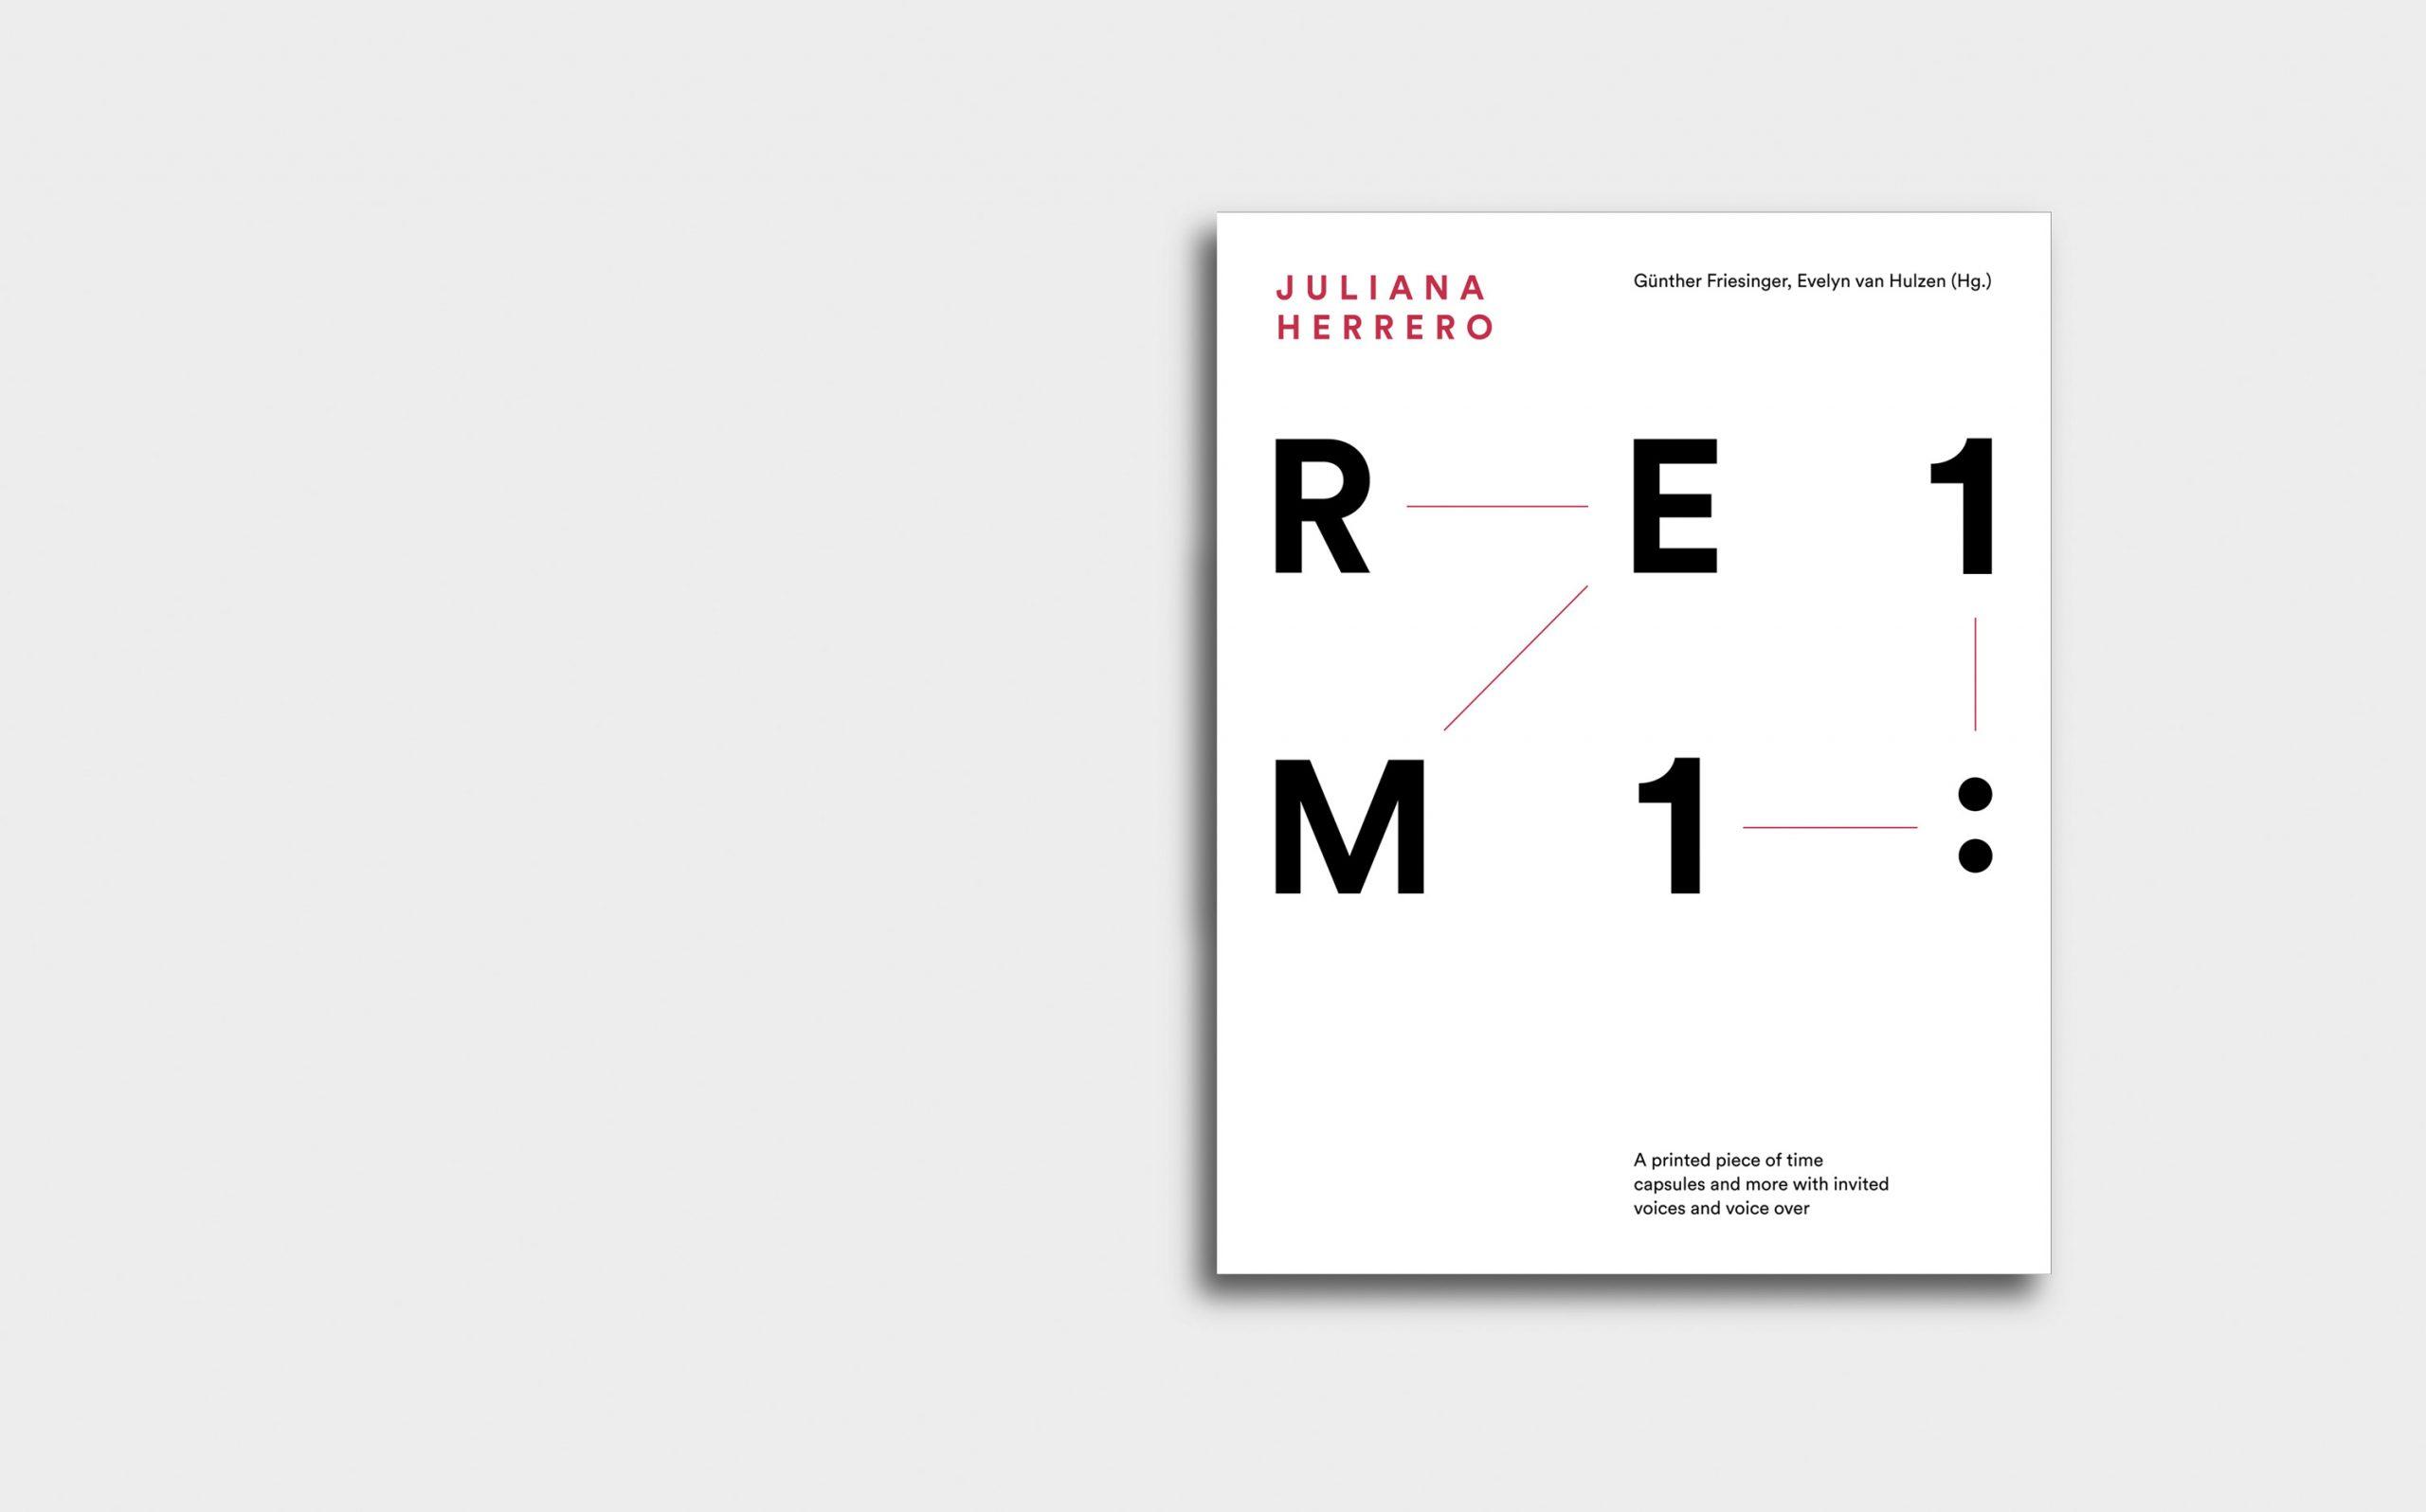 Juliana Herrero – REM 1:1 | Cover, Buchcover in schwarz, rot und weiß | Keywords: Editorial Design, Artist Book, Künstlerbuch, Buchgestaltung, Grafikdesign, Design, Typografie